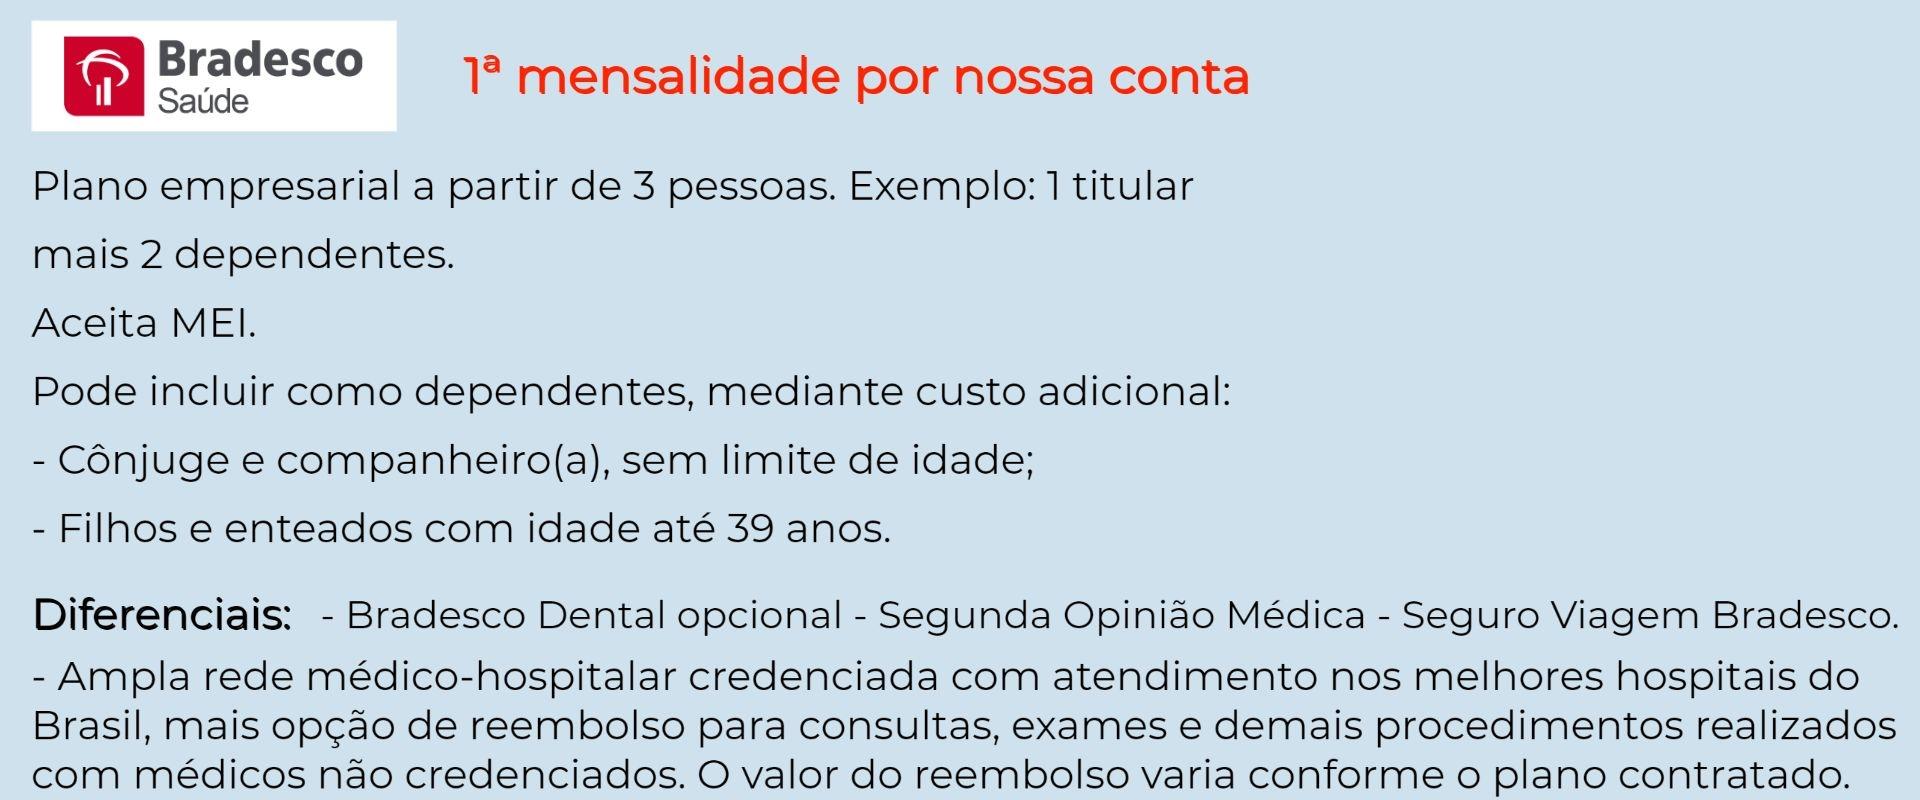 Bradesco Saúde Empresarial - Pedreira